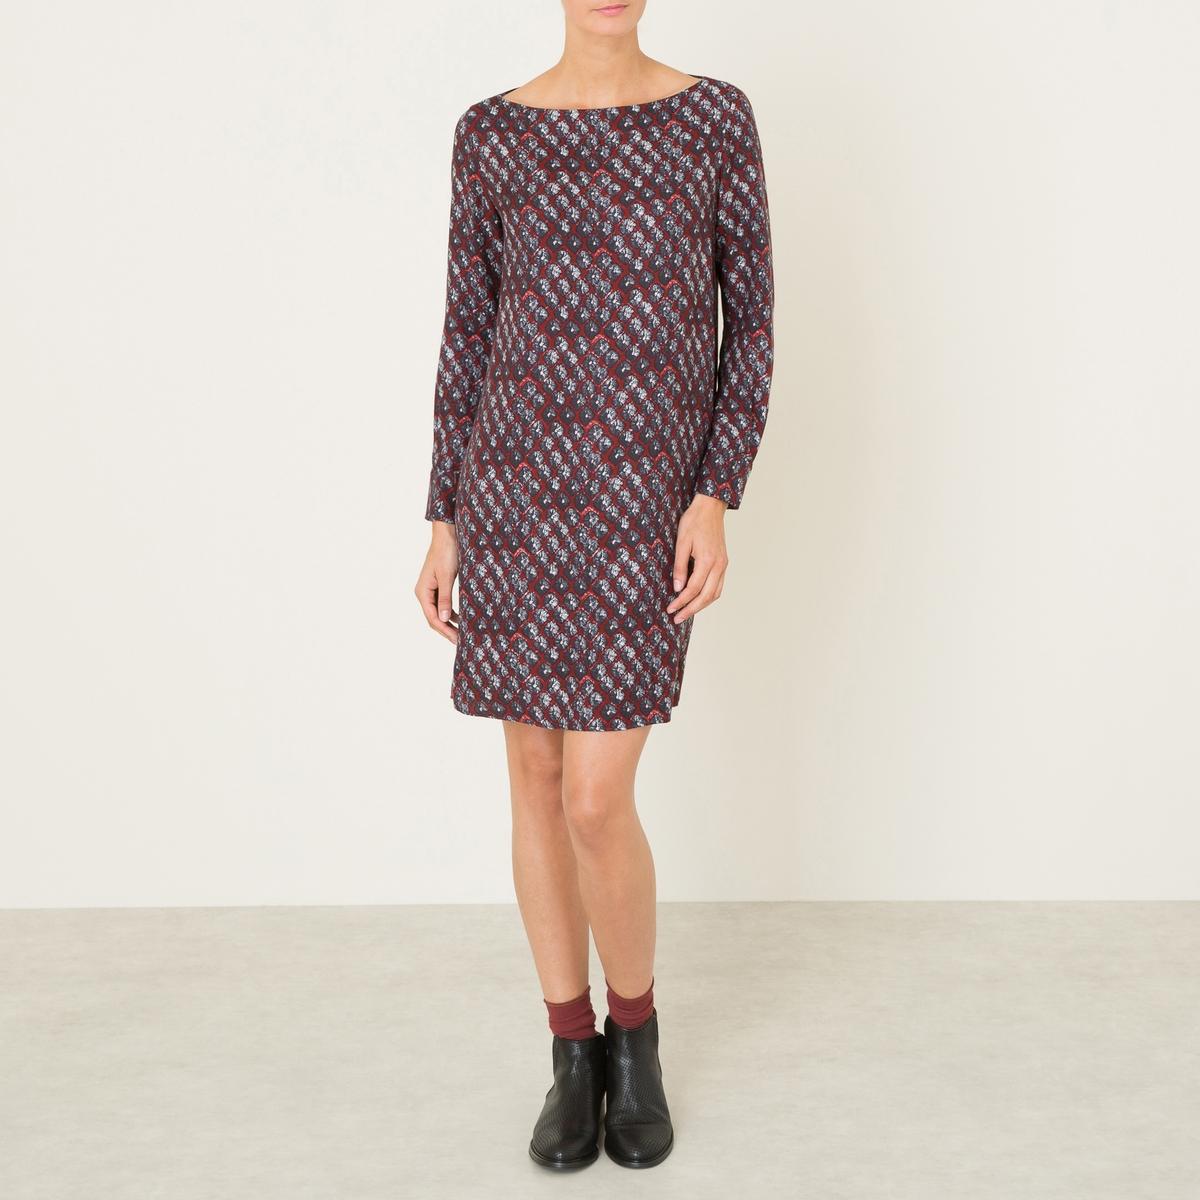 Платье MARTAКороткое платье DIEGA - модель MARTA, форма футляр, из шелковой ткани со сплошным рисунком. Вырез-лодочка. Длинные рукава с манжетами на пуговицах. Состав и описание :Материал : 65% вискозы, 35% шелкаДлина : 90 см. (для размера 36)Марка : DIEGA<br><br>Цвет: темно-синий/ красный<br>Размер: M